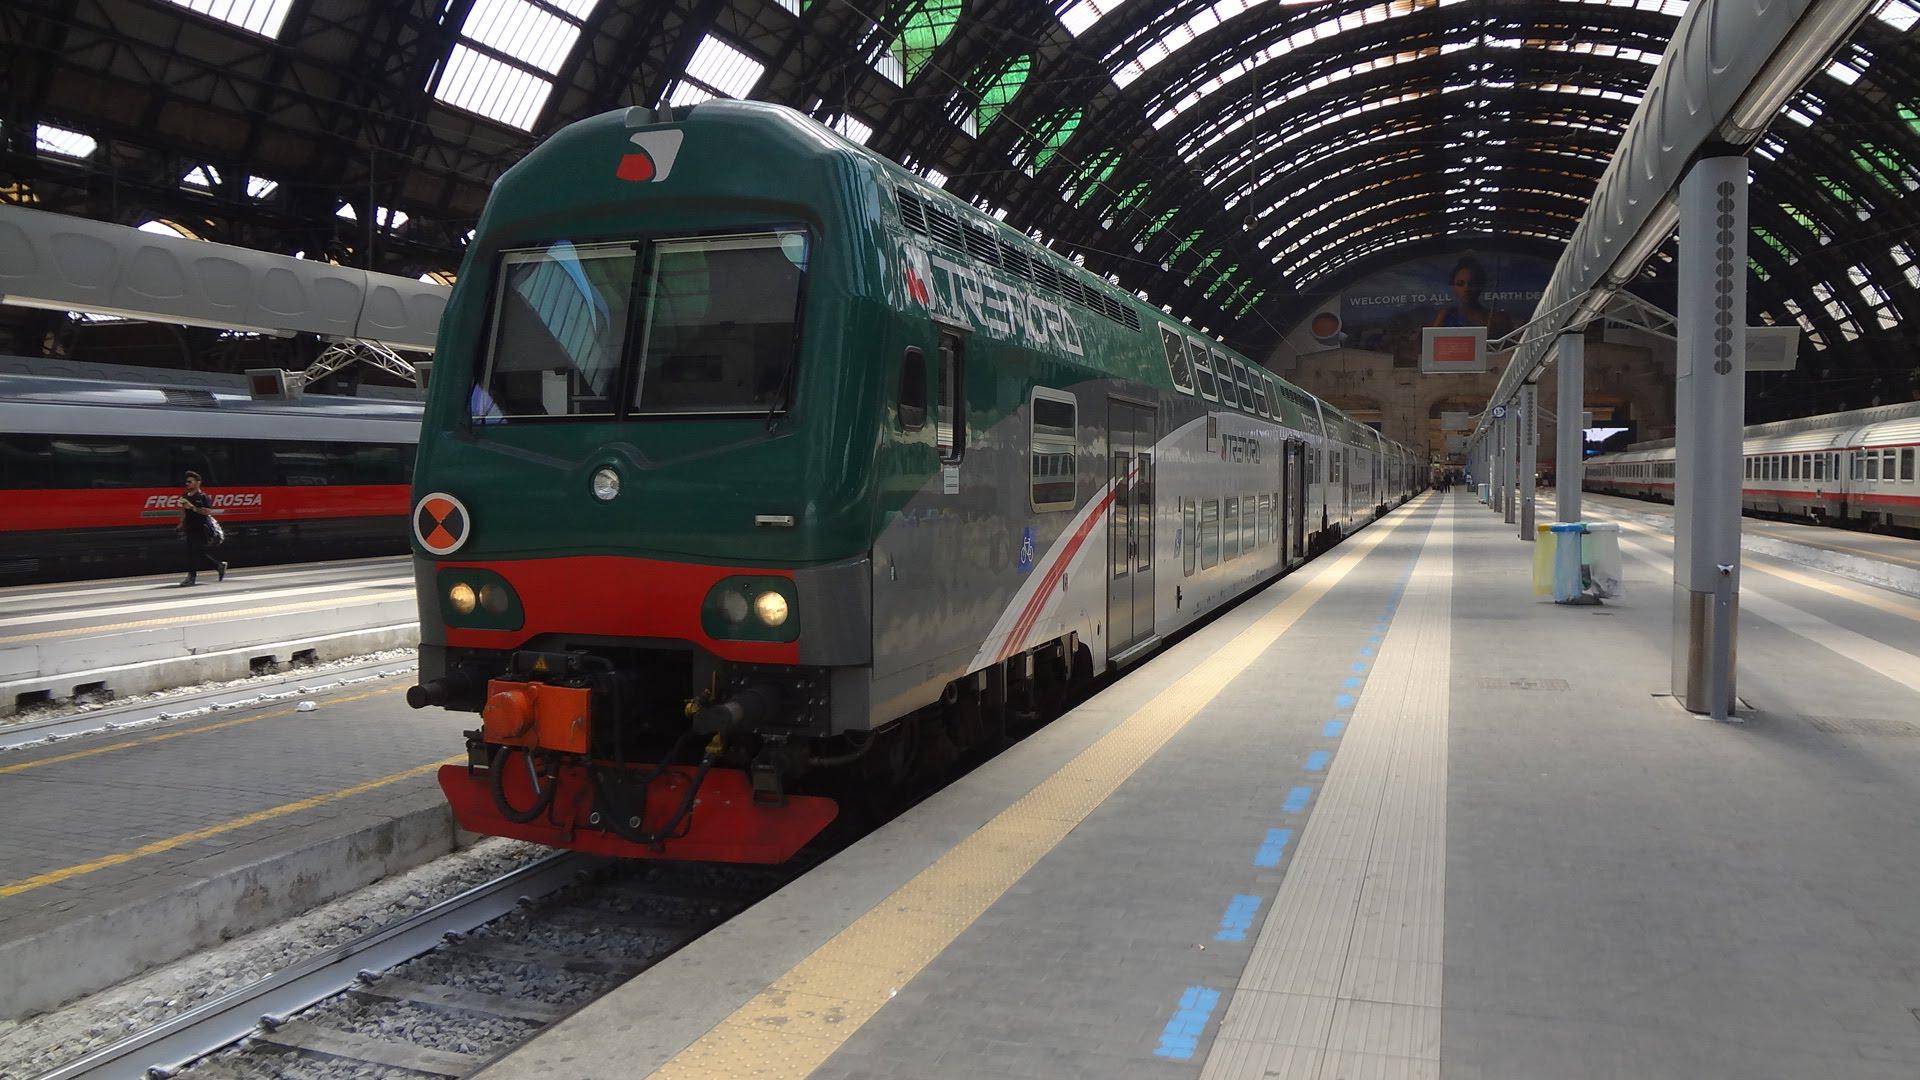 TRENORD Double Decker / Milano Centrale → Bergamo (Passenger's View)